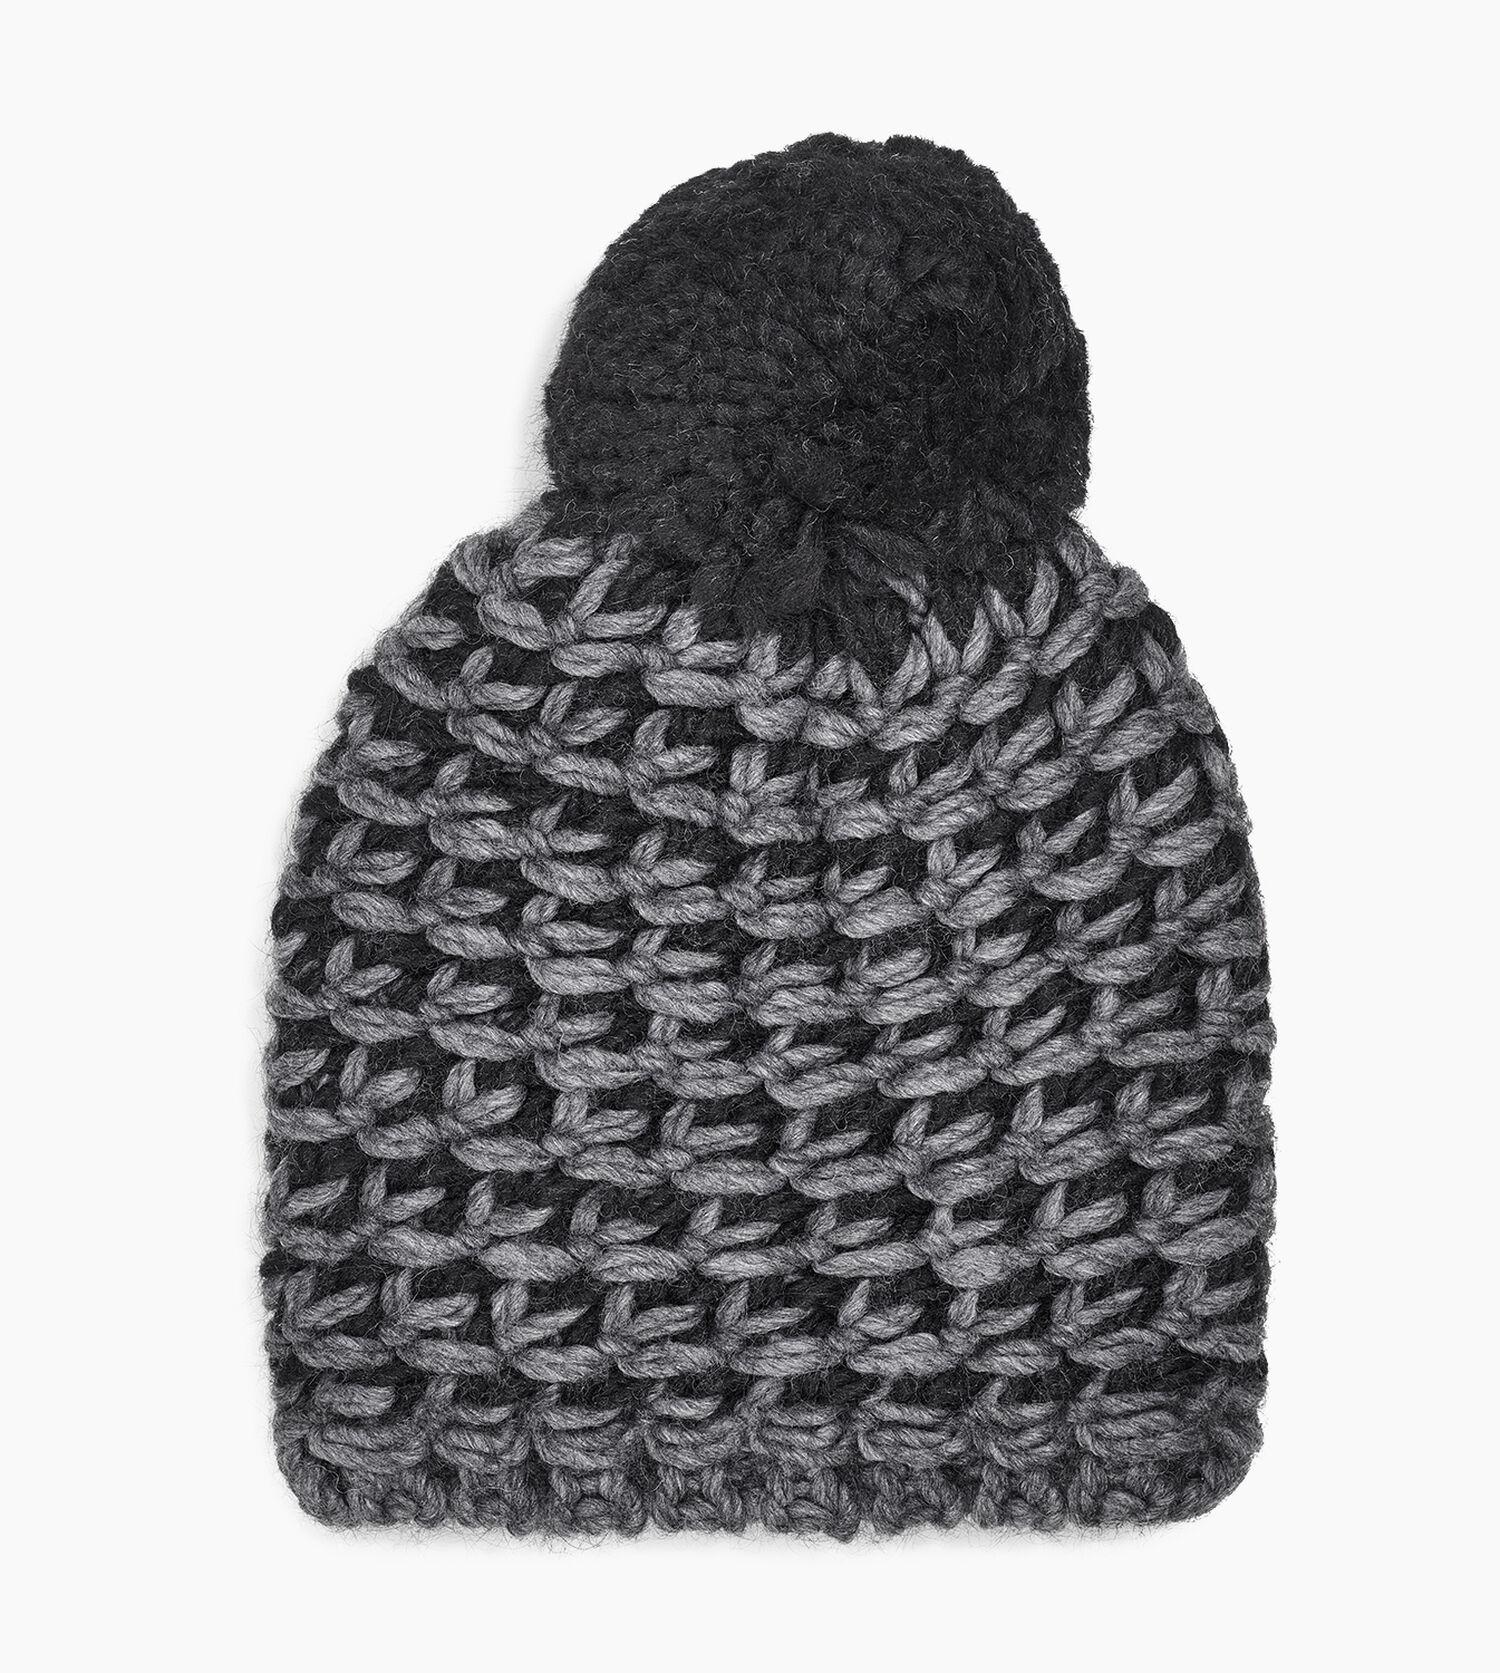 72c187ae6ff Zoom Yarn Pom Hat - Image 1 of 2